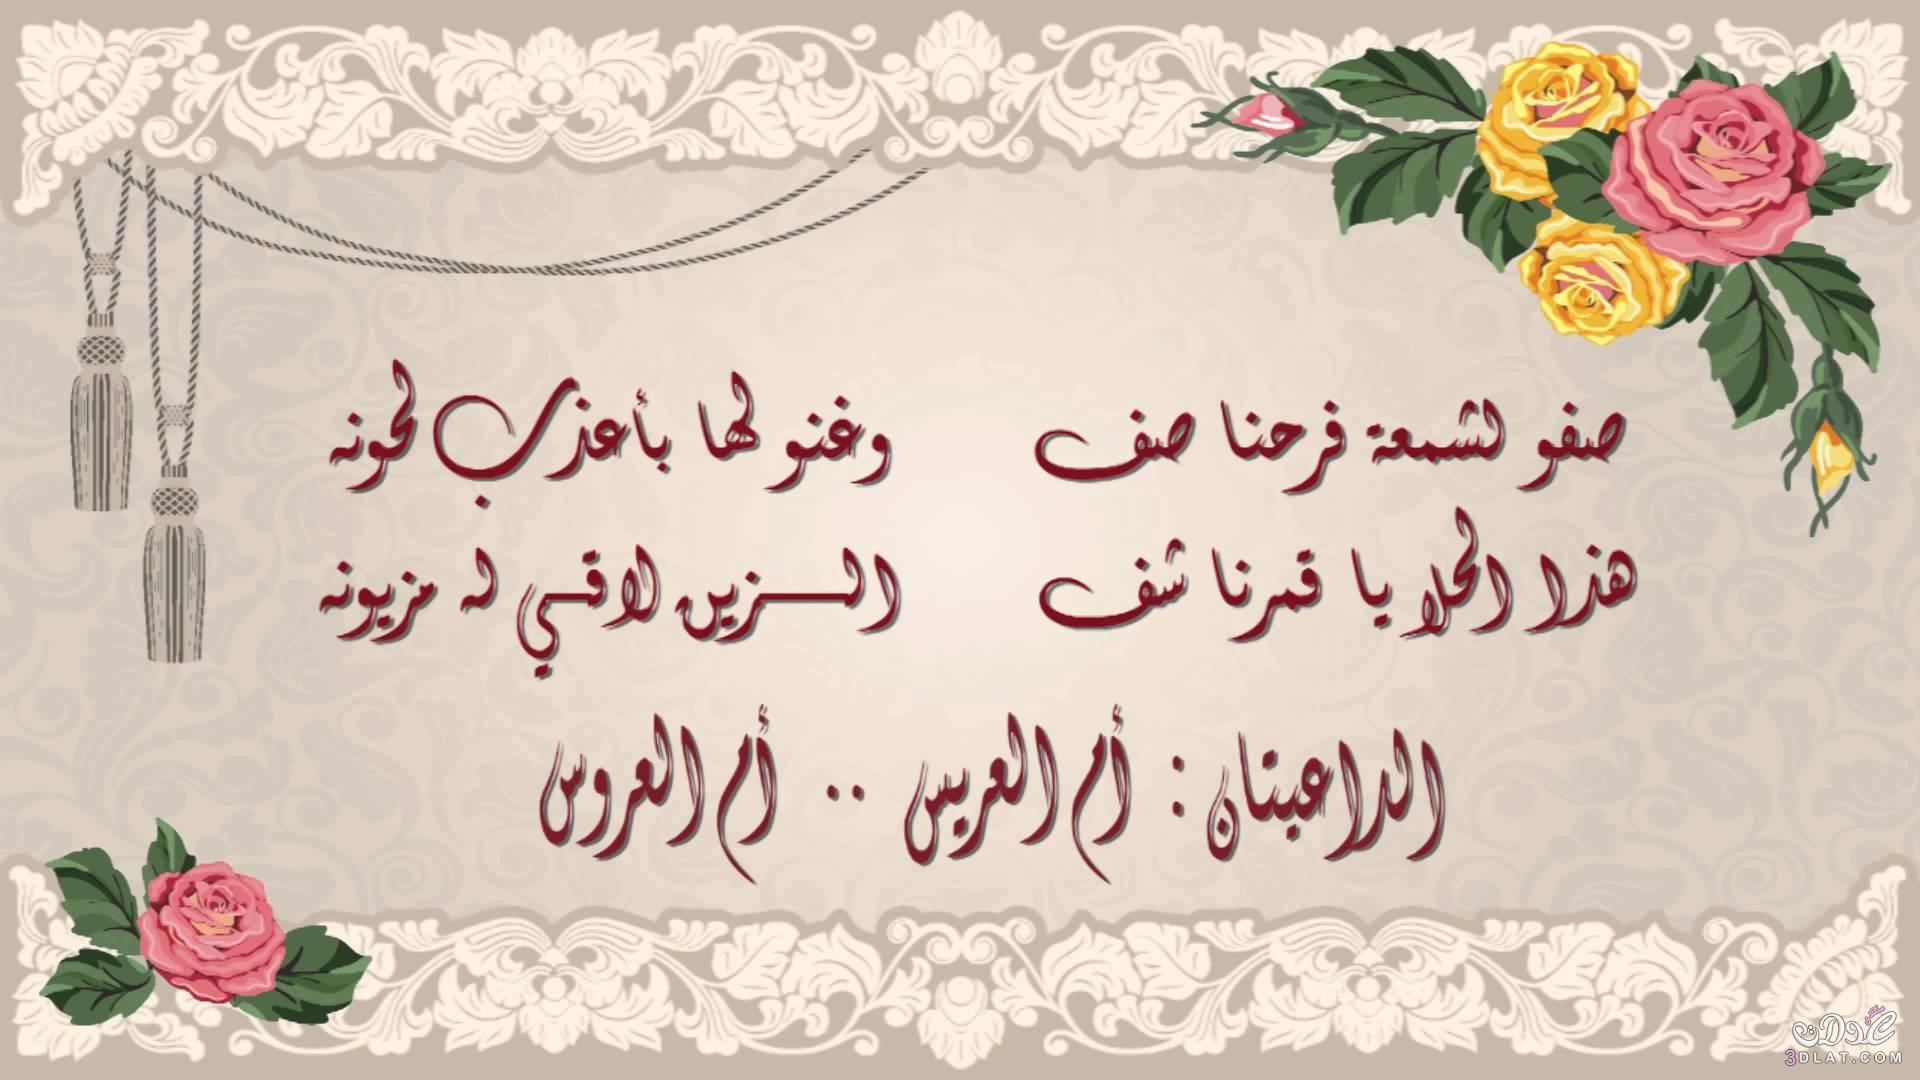 صوره كلمات تهنئة بالزواج , اجمل الكلمات لتهنئه العروسين بالزواج